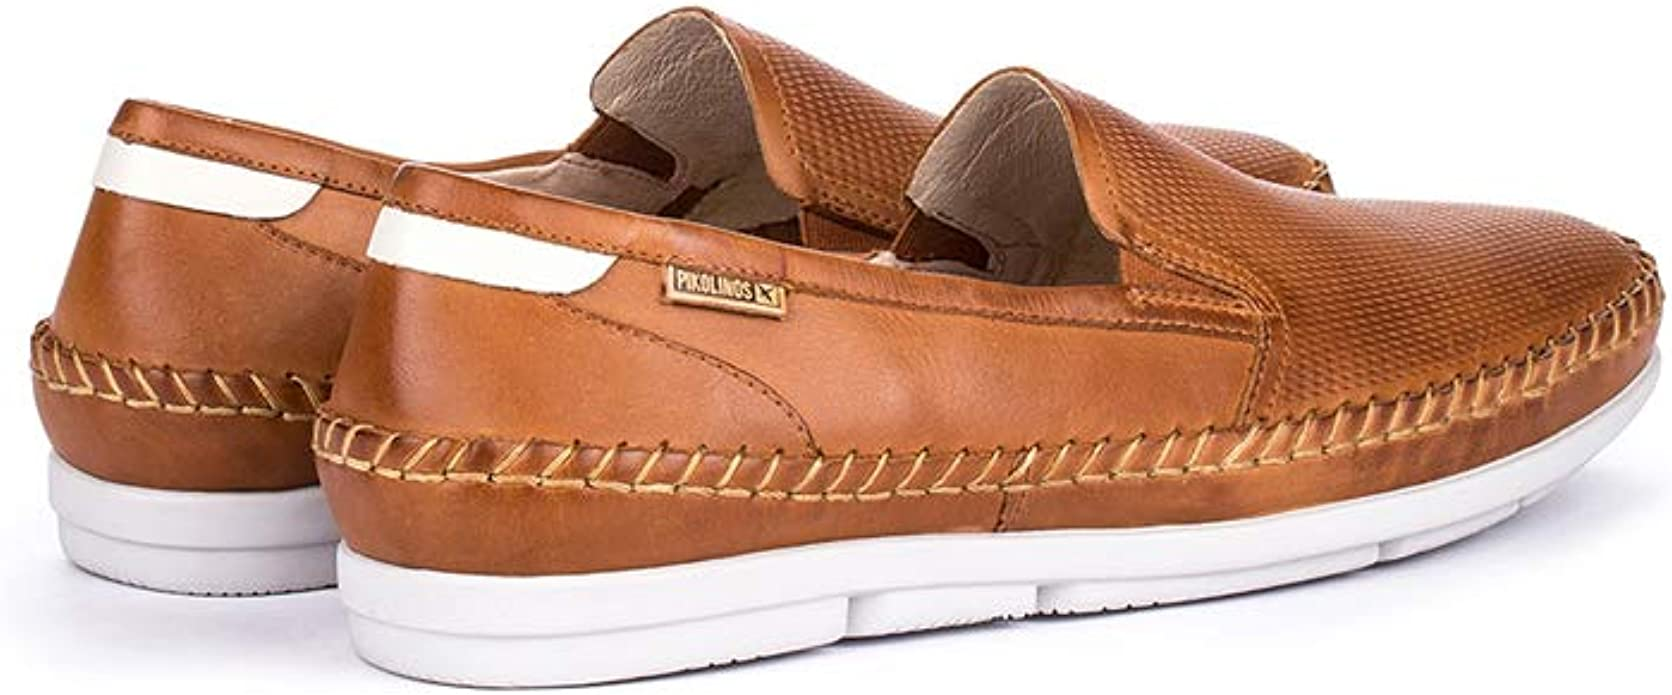 Pikolinos Altet para Hombre: Amazon.es: Zapatos y complementos